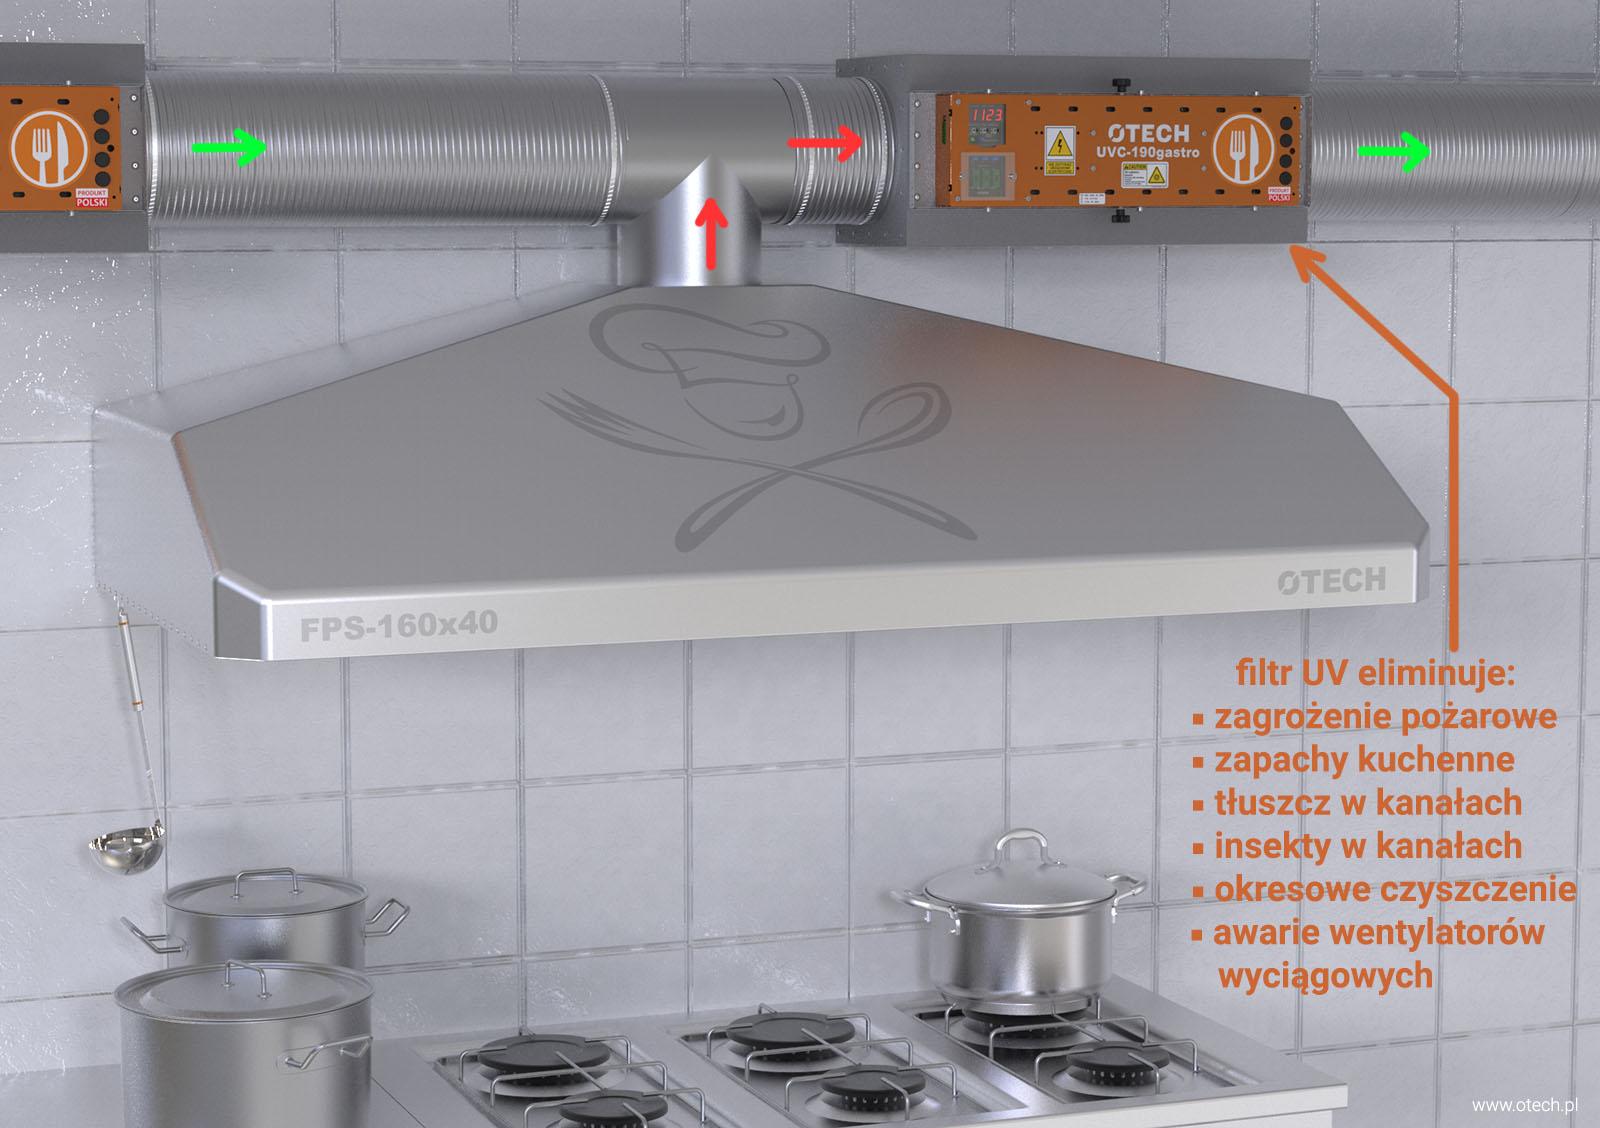 okap kuchenny UV, okap gastronomiczny UV, filtr UV, okapy UV-C, gastronomia, profesionalna kuchnia, likwidacja tłuszczów, odciągi kuchenne, likwidacja neutralizacja zapachów, UV-C & ozon, UV-C i ozon